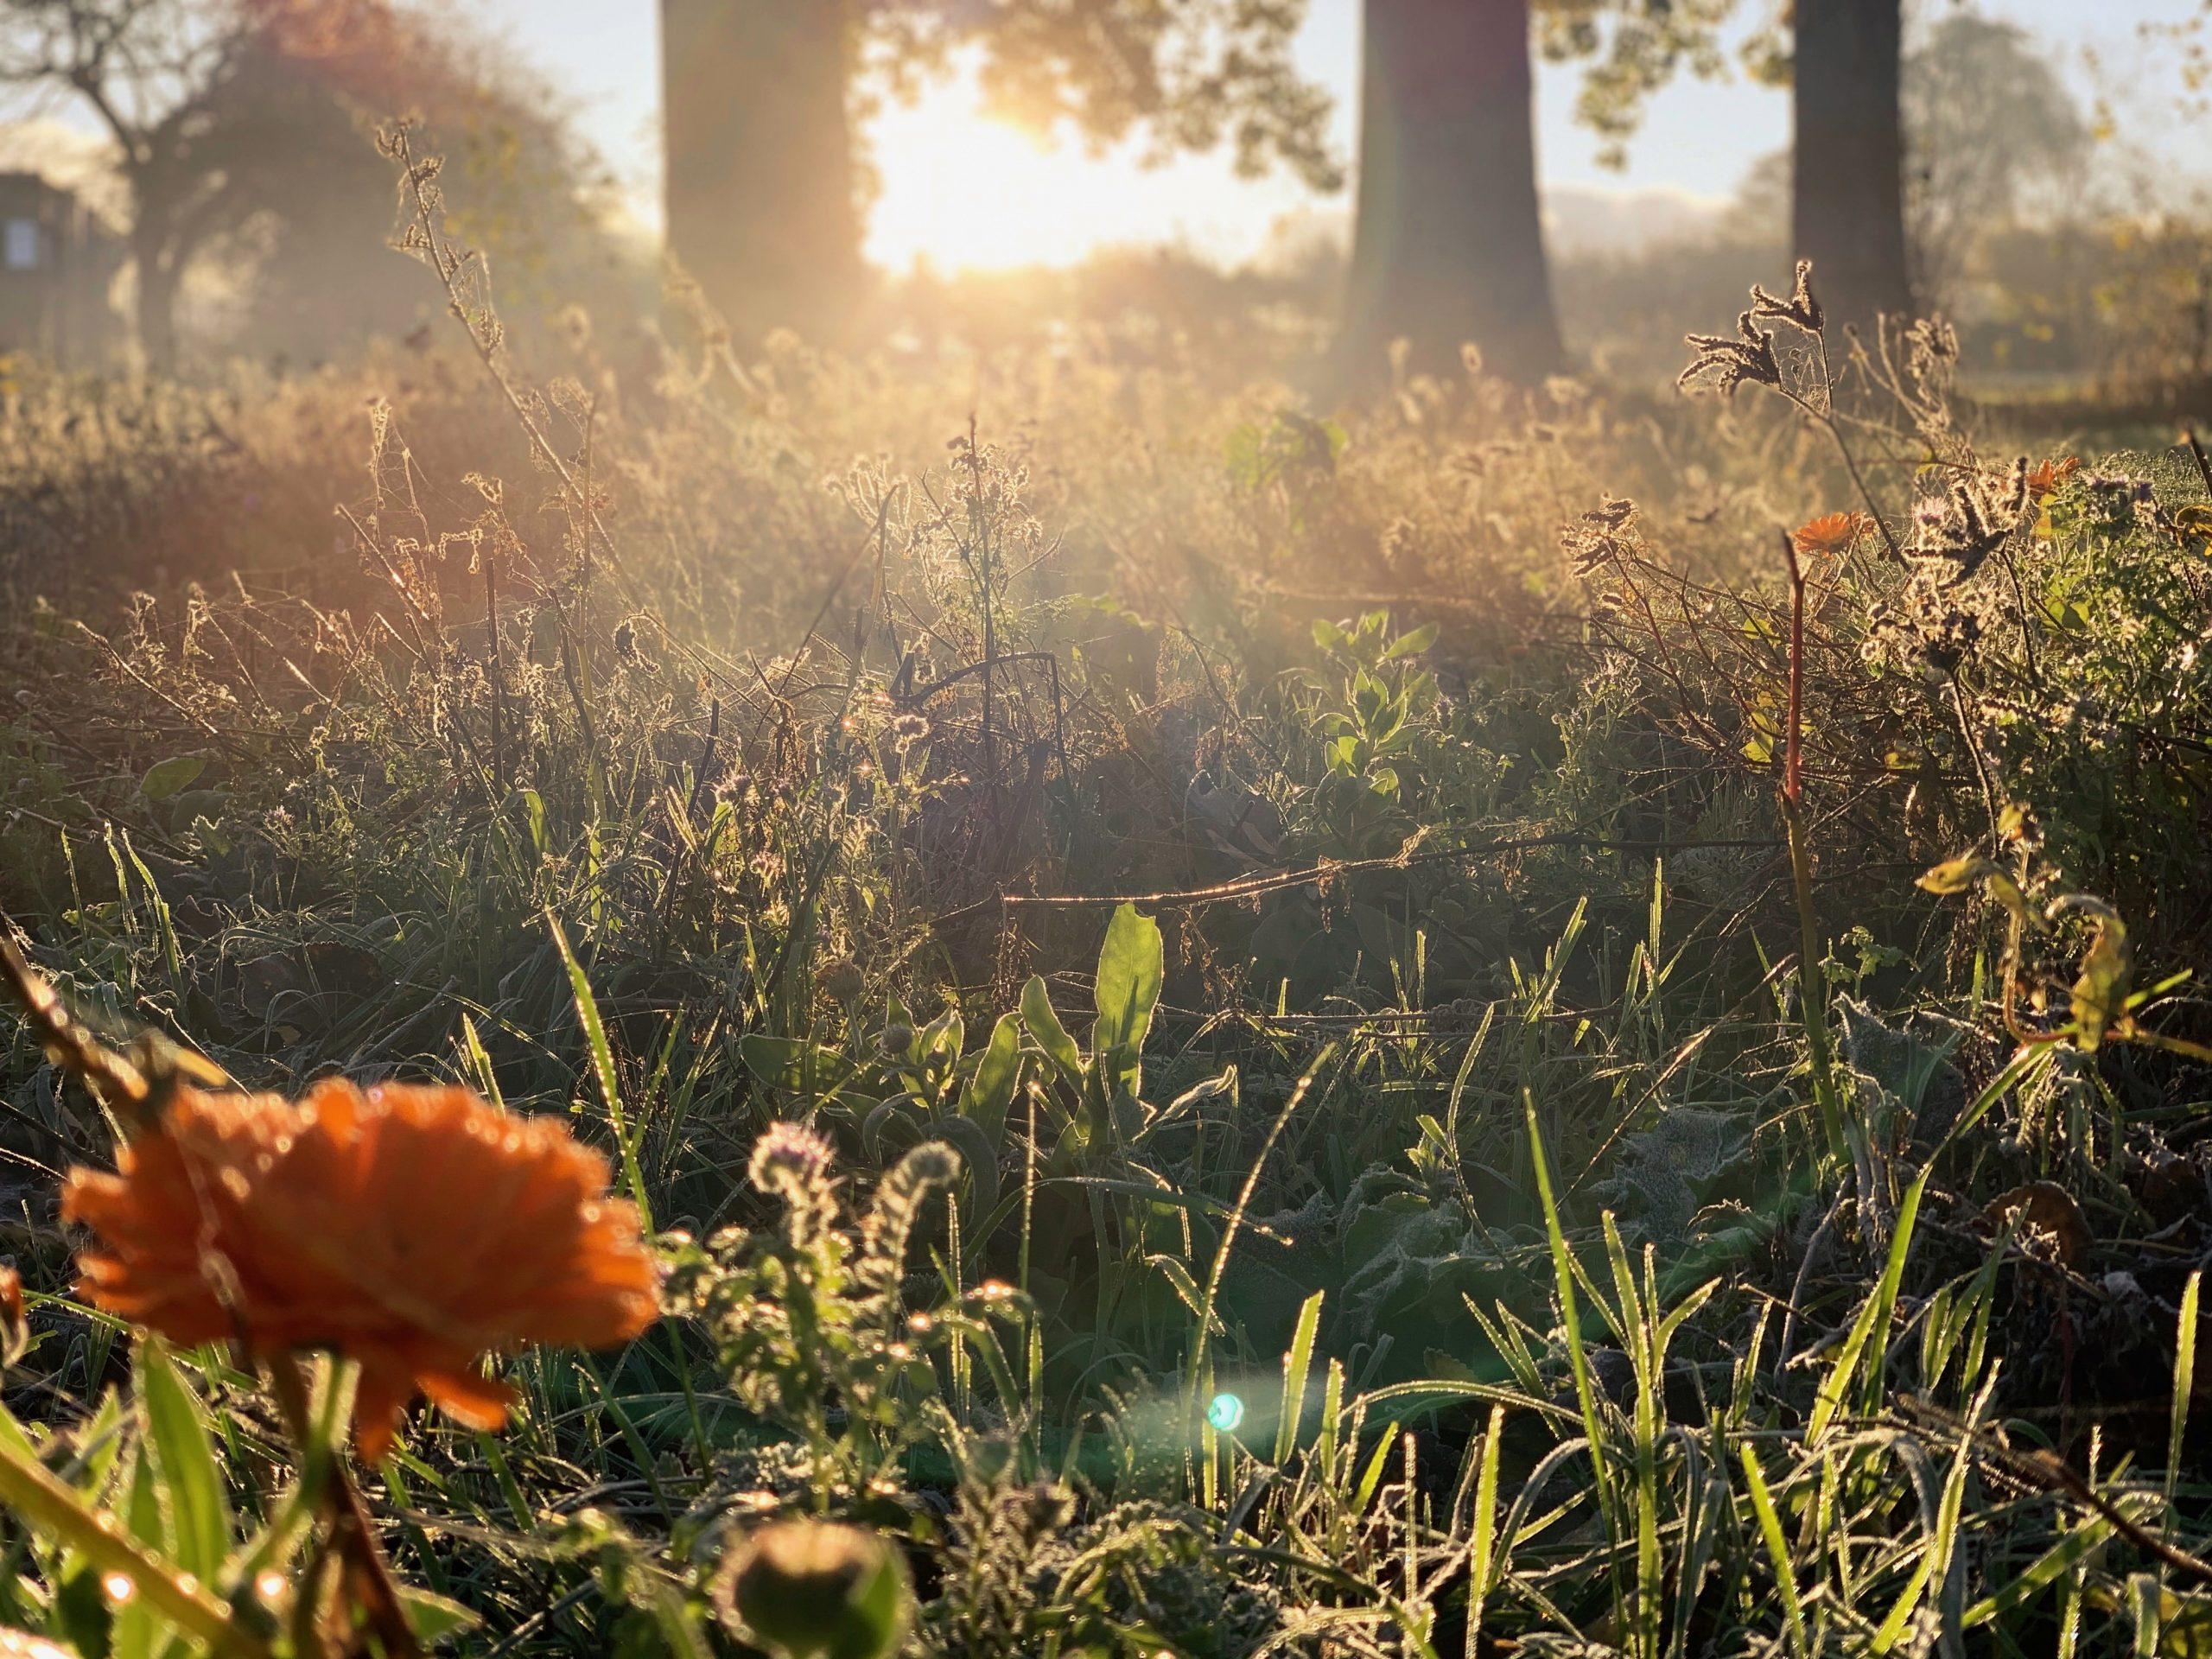 Sundasacker Morgendliche Herbstimpressionen 1 Event Nature scaled